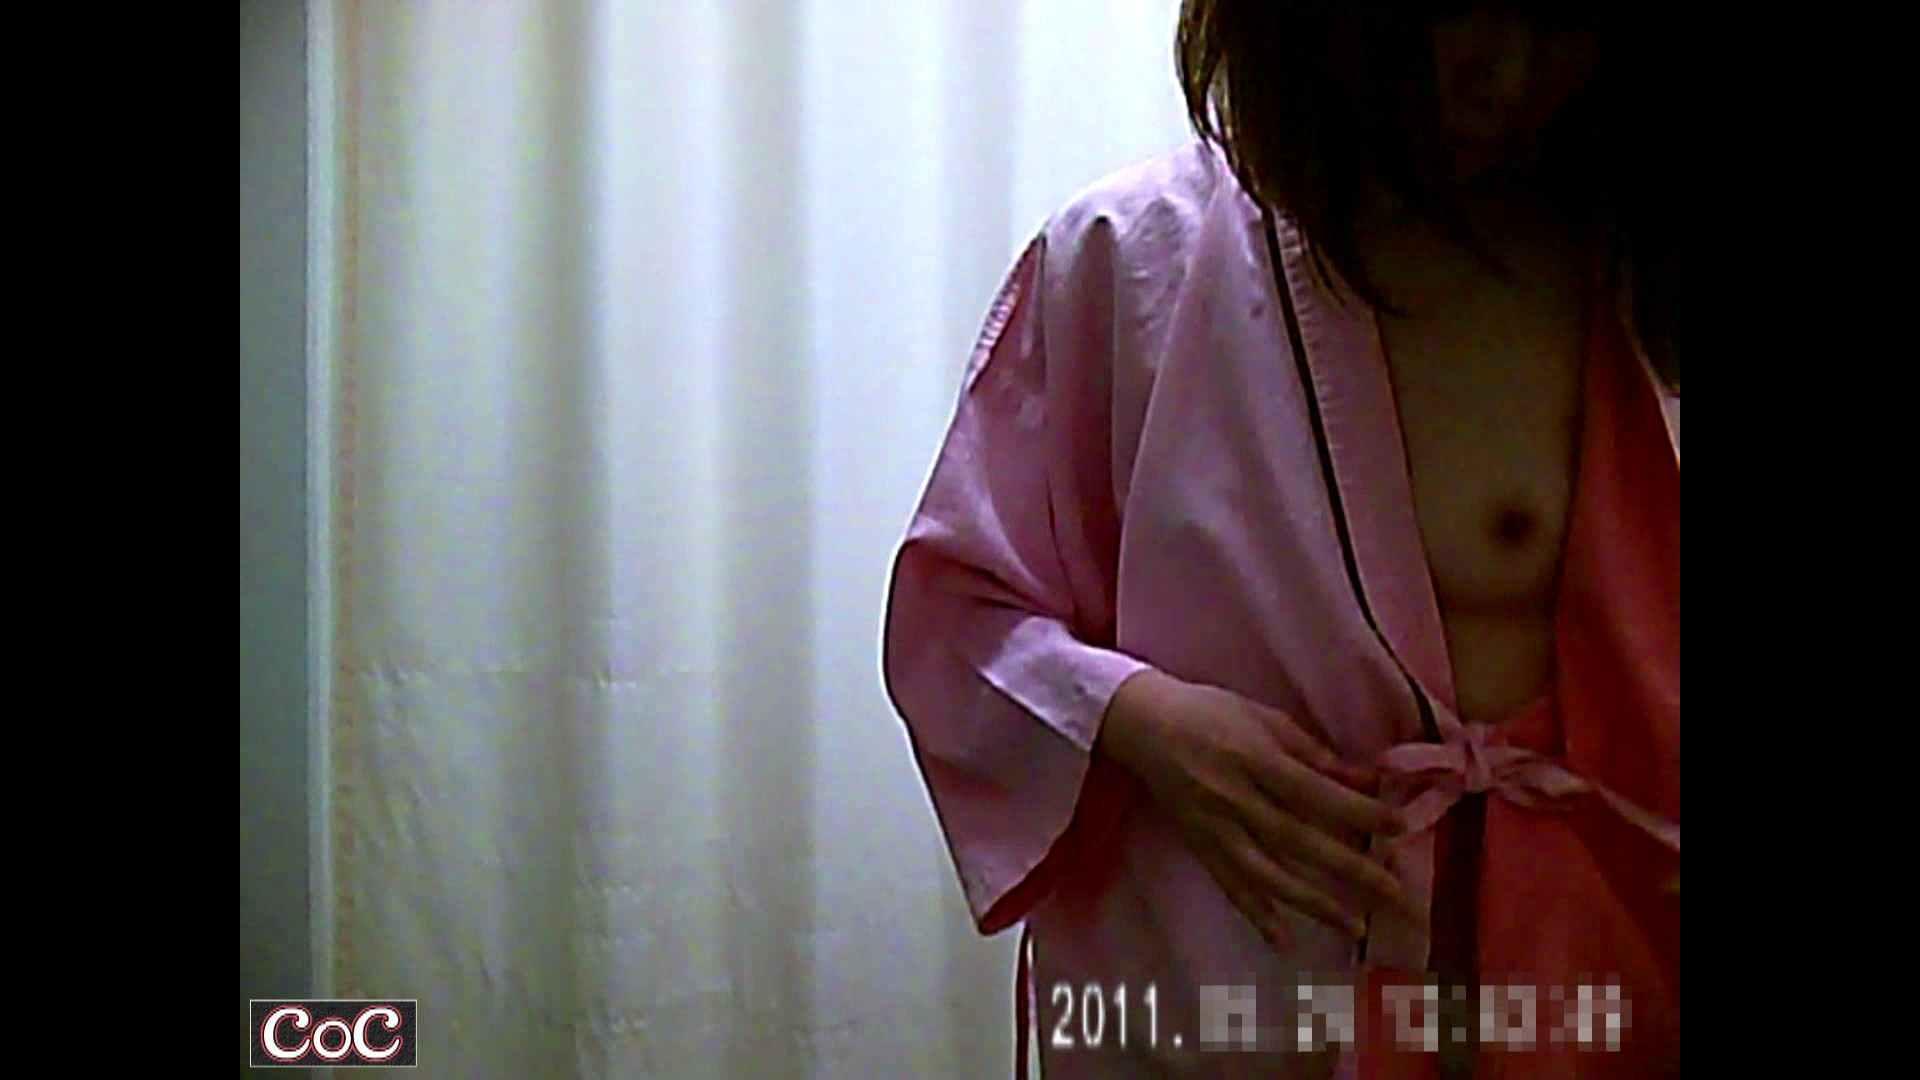 病院おもいっきり着替え! vol.125 貧乳編 のぞき動画キャプチャ 76画像 7